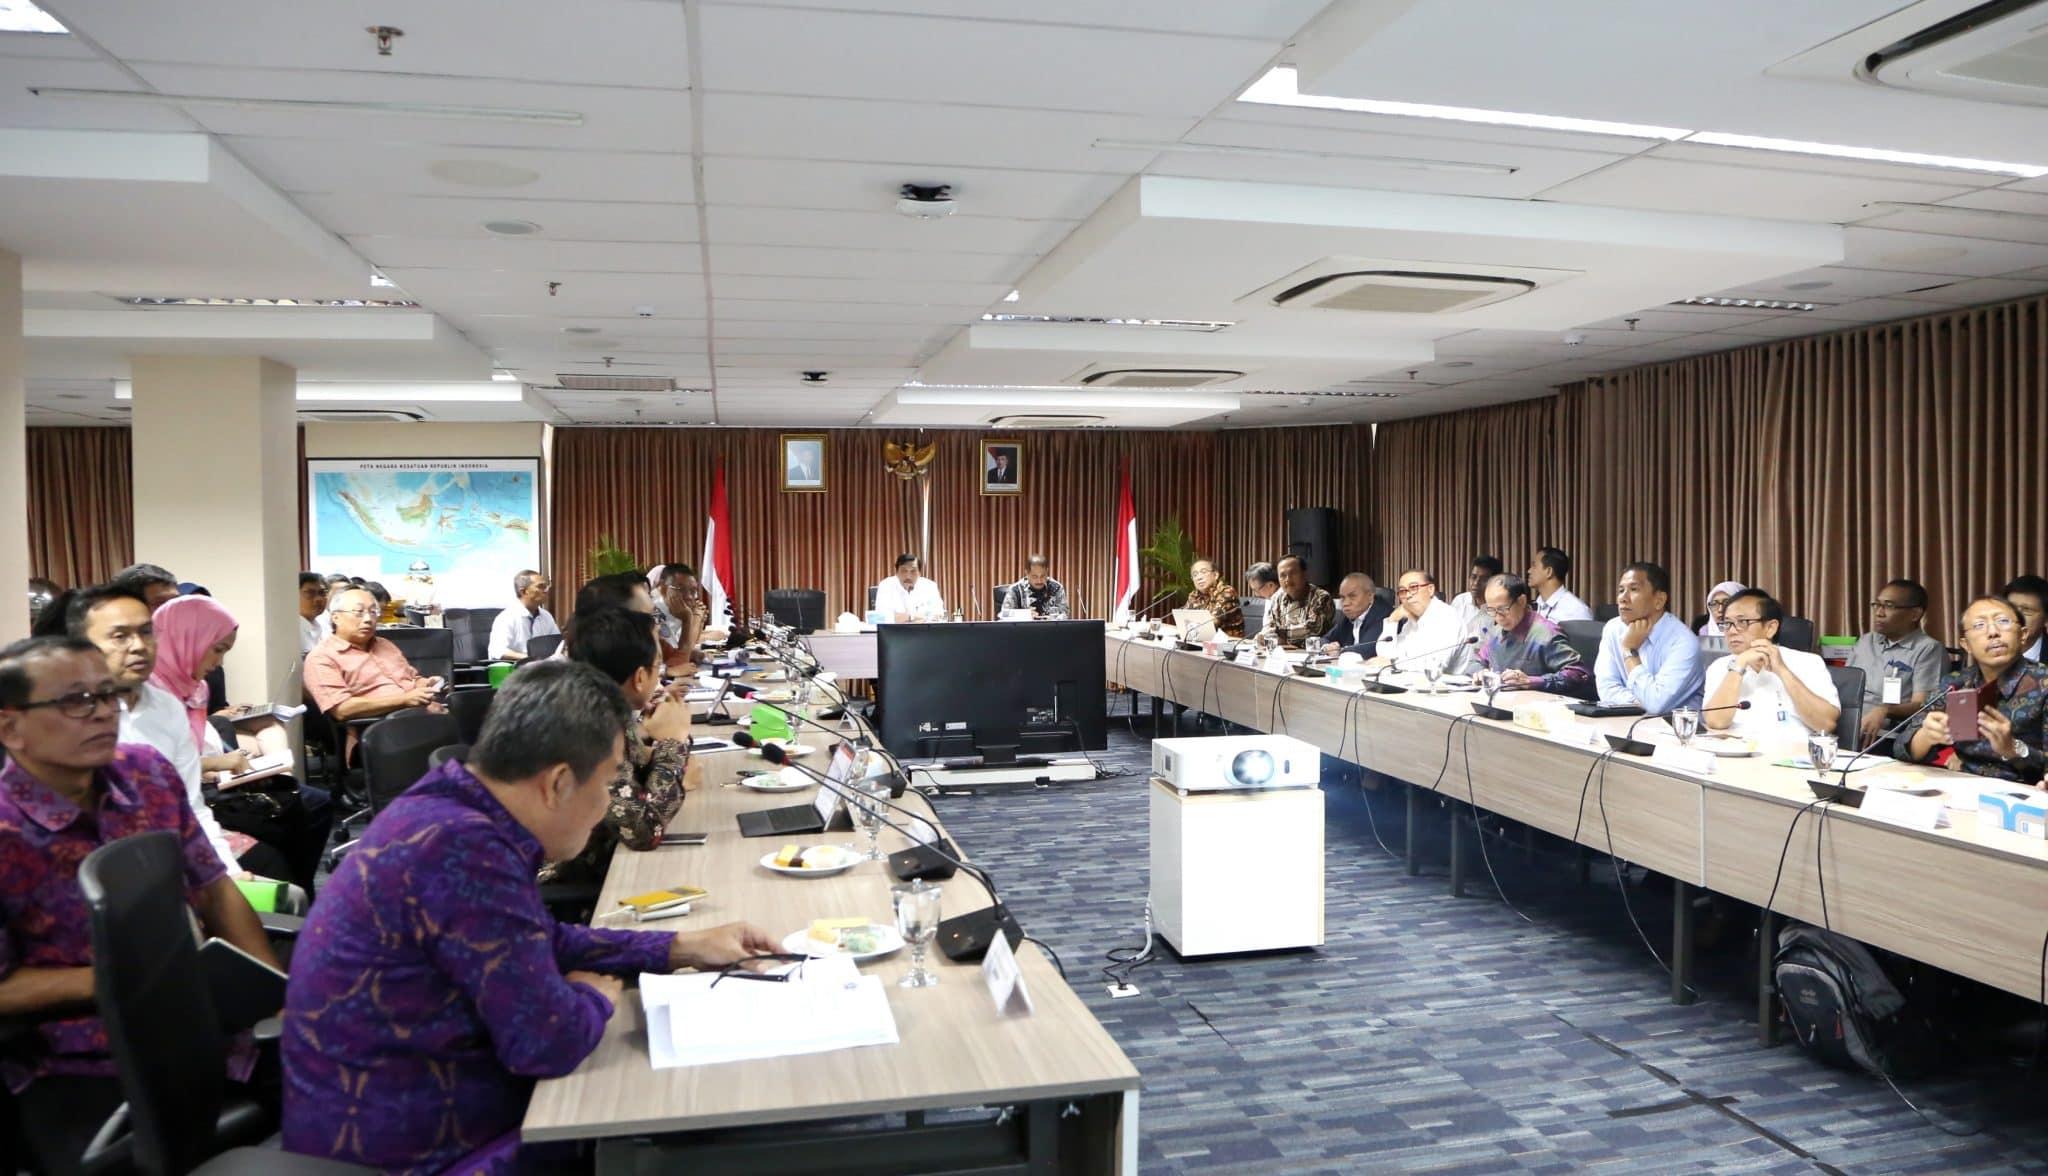 Menko Luhut Pimpin Rakor Tentang Pengembangan Pelabuhan Benoa